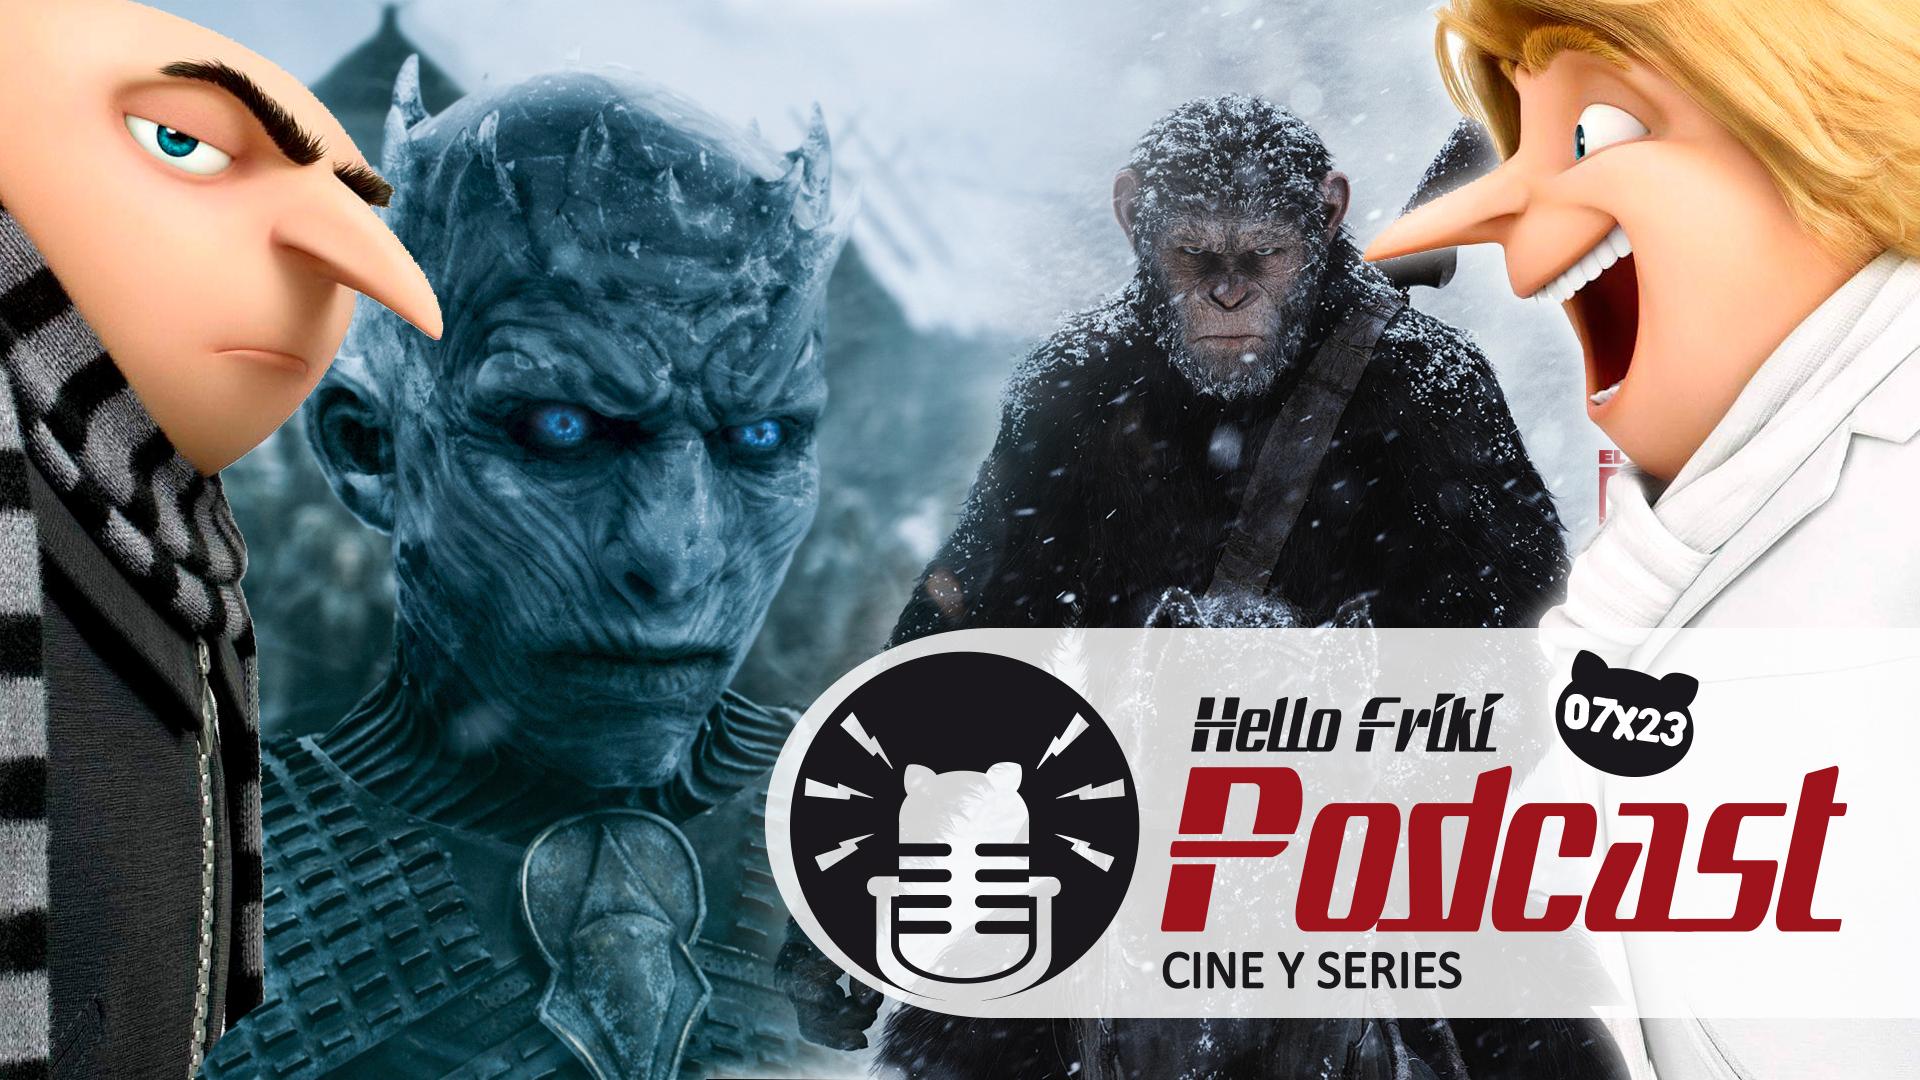 HF 7x23 Cine y Series: Emmy, Juego de Tronos, La guerra del planeta de los simios...